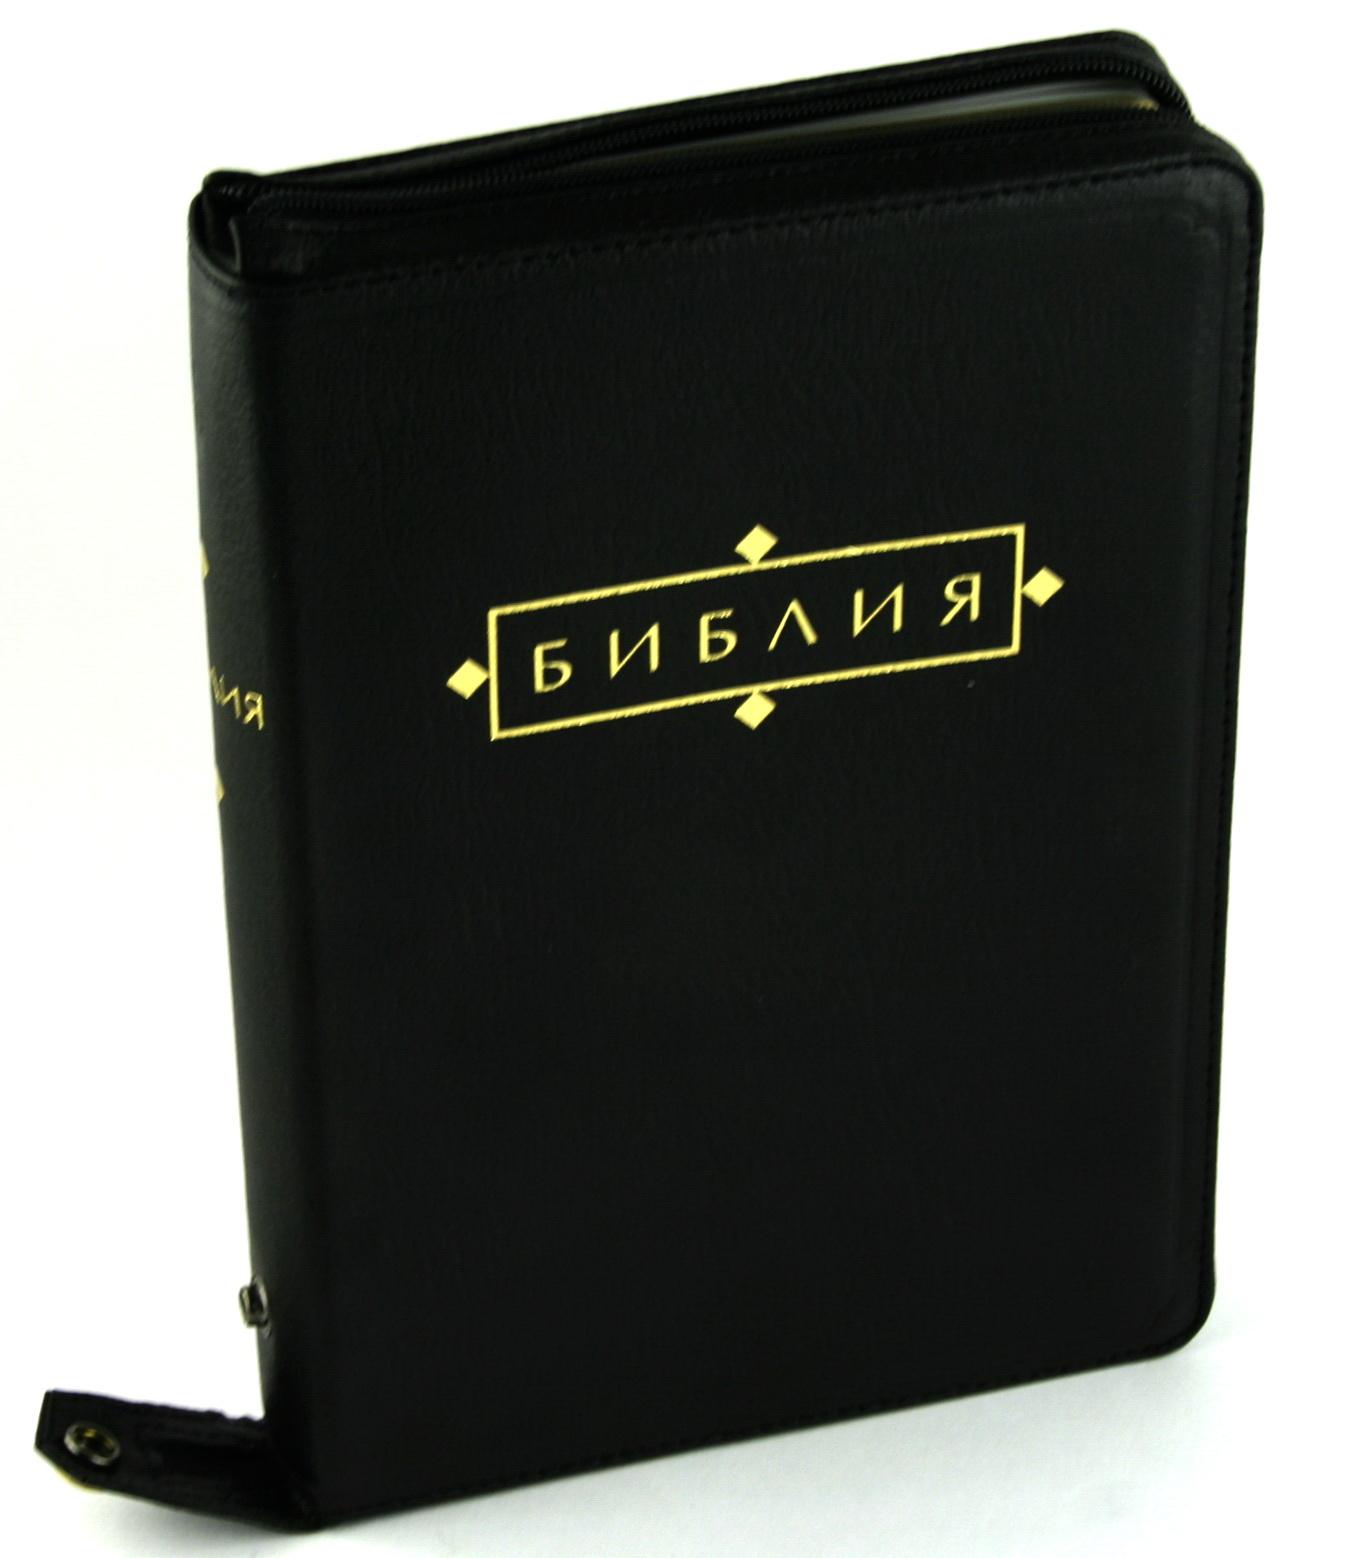 Библия (1108)(канонич) 077ZTIFIB черн.кож.с зол.молн.+кнопка